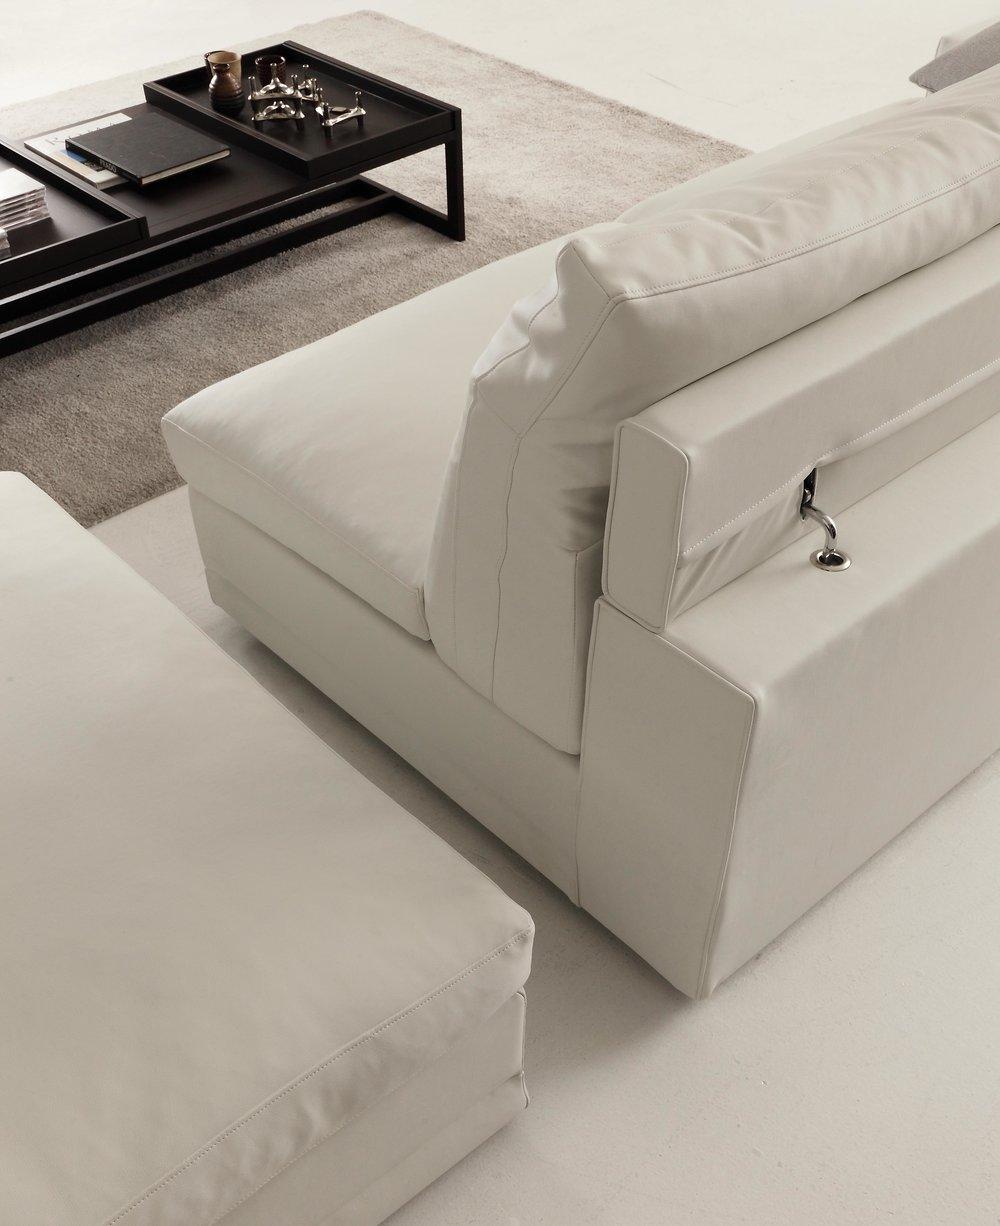 Italian-Sectional-Sofas-Sofabeds-modern-designer00004.JPG